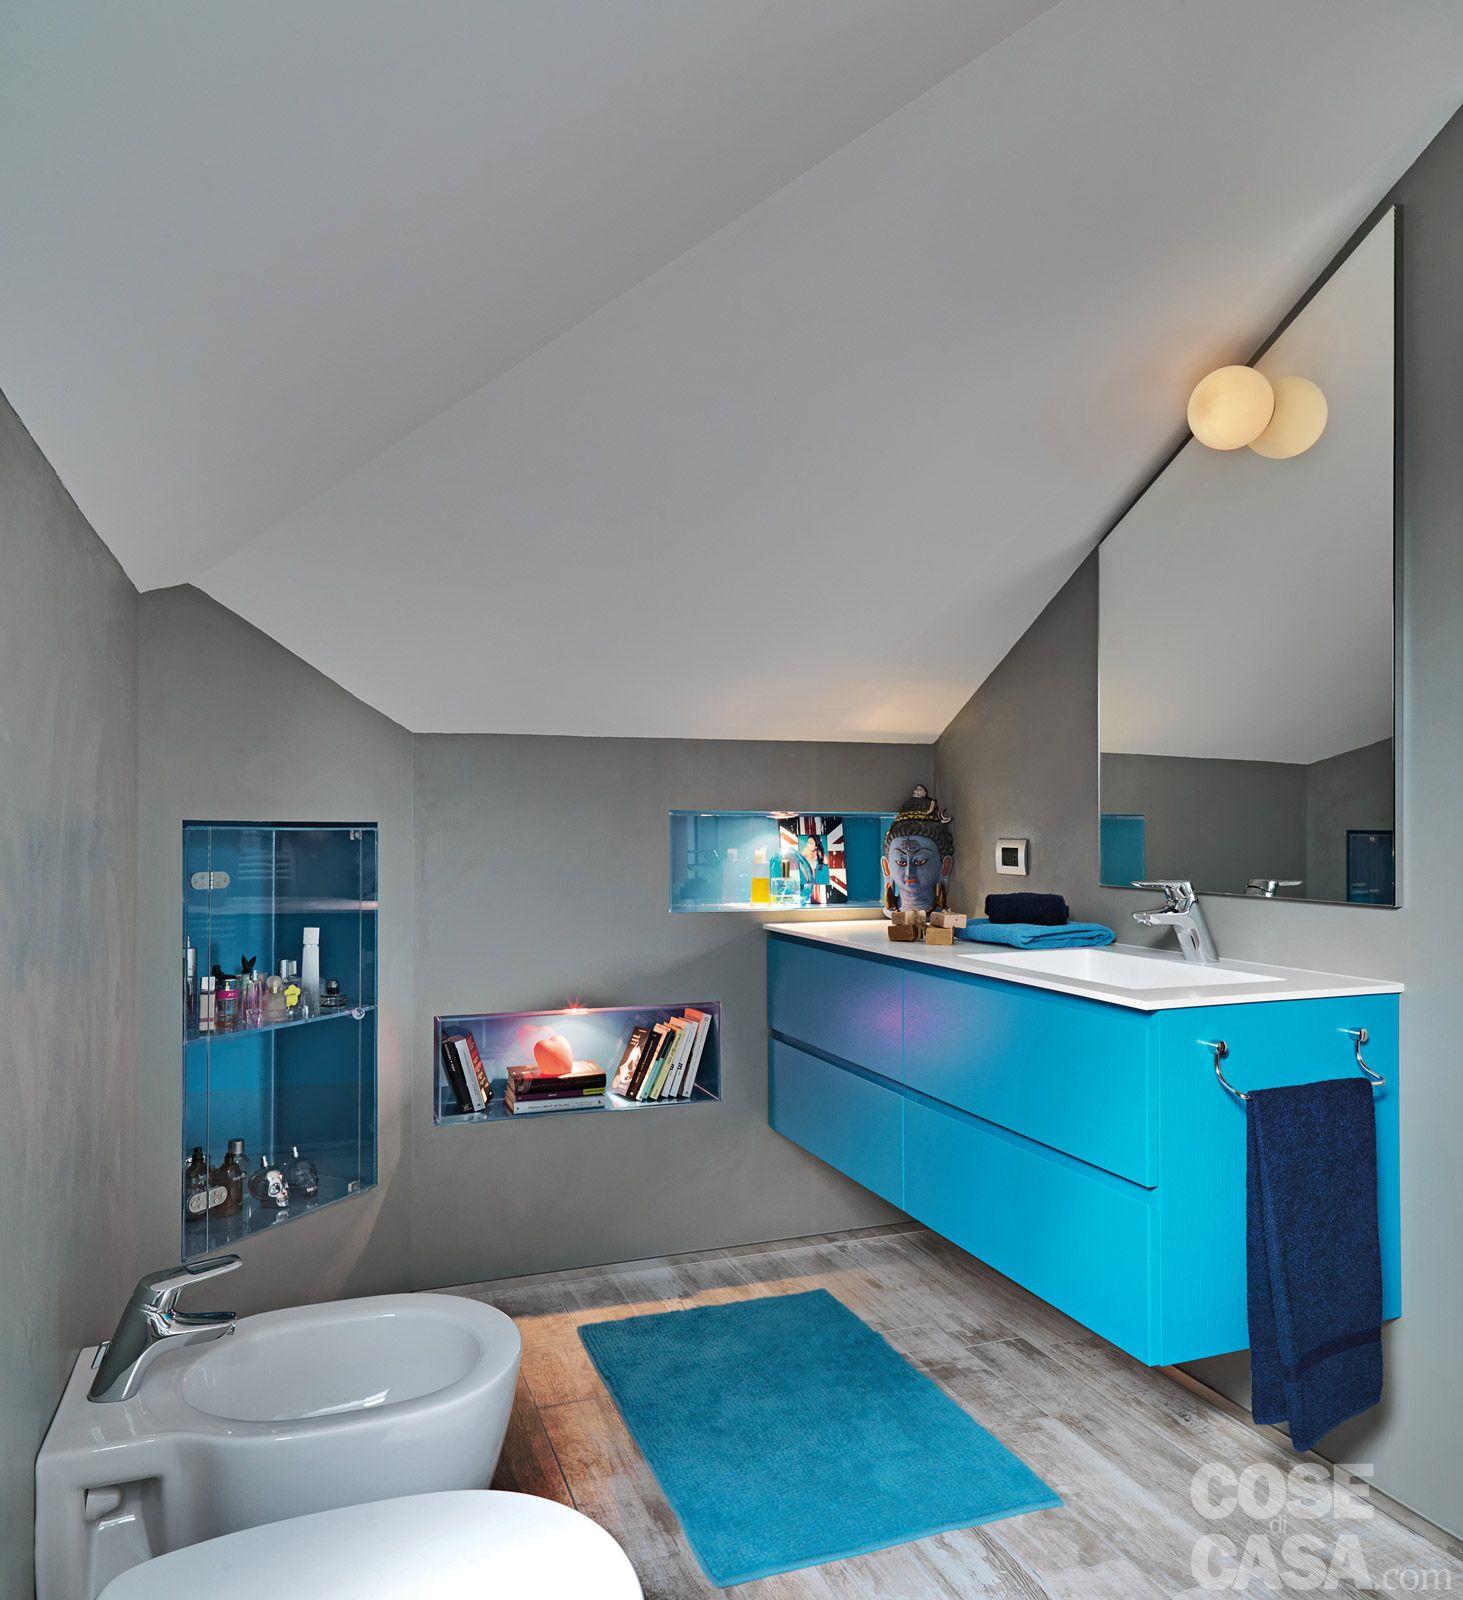 Trilocale di 96 mq recupero creativo per la mansarda home bathroom interior bathroom - Bagni bellissimi moderni ...